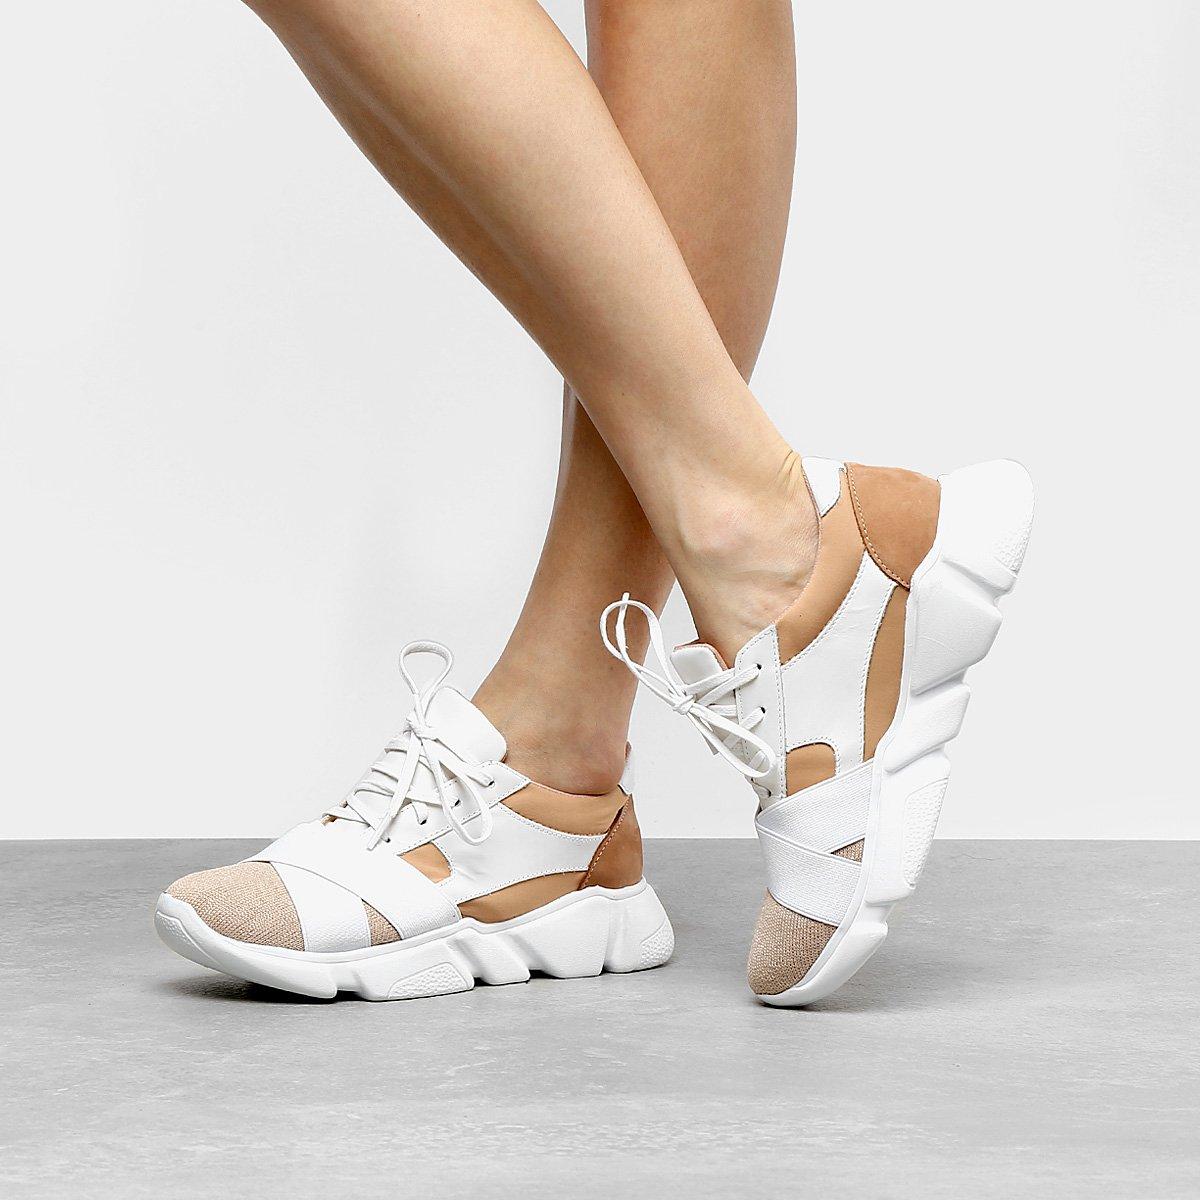 tendência de calçados em 2019